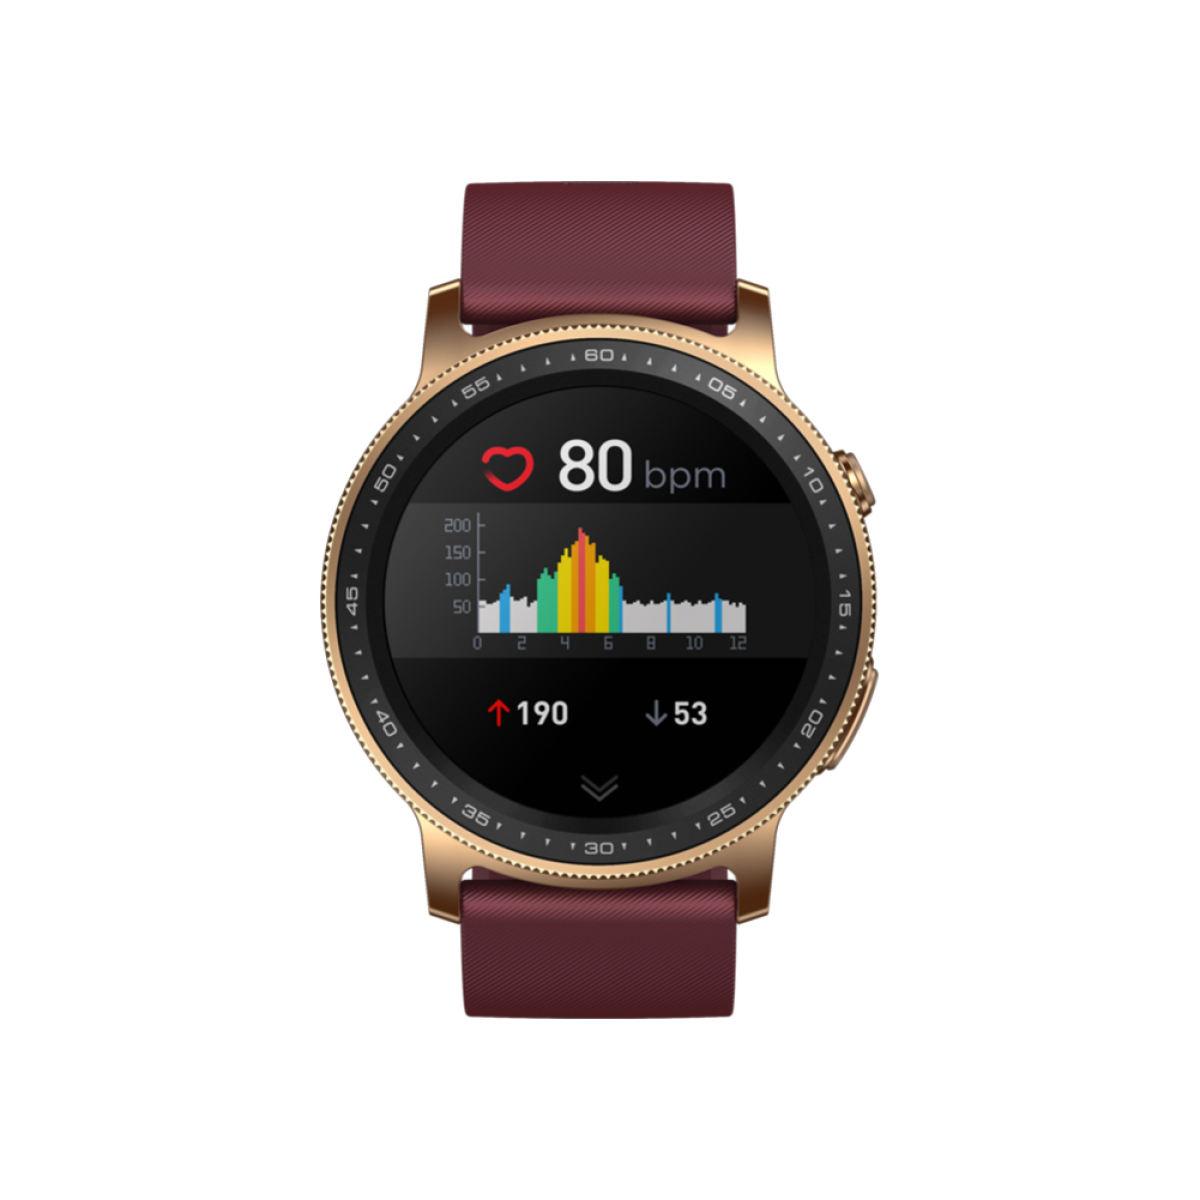 Smartwatch Zeblaze GTR 2 Gold